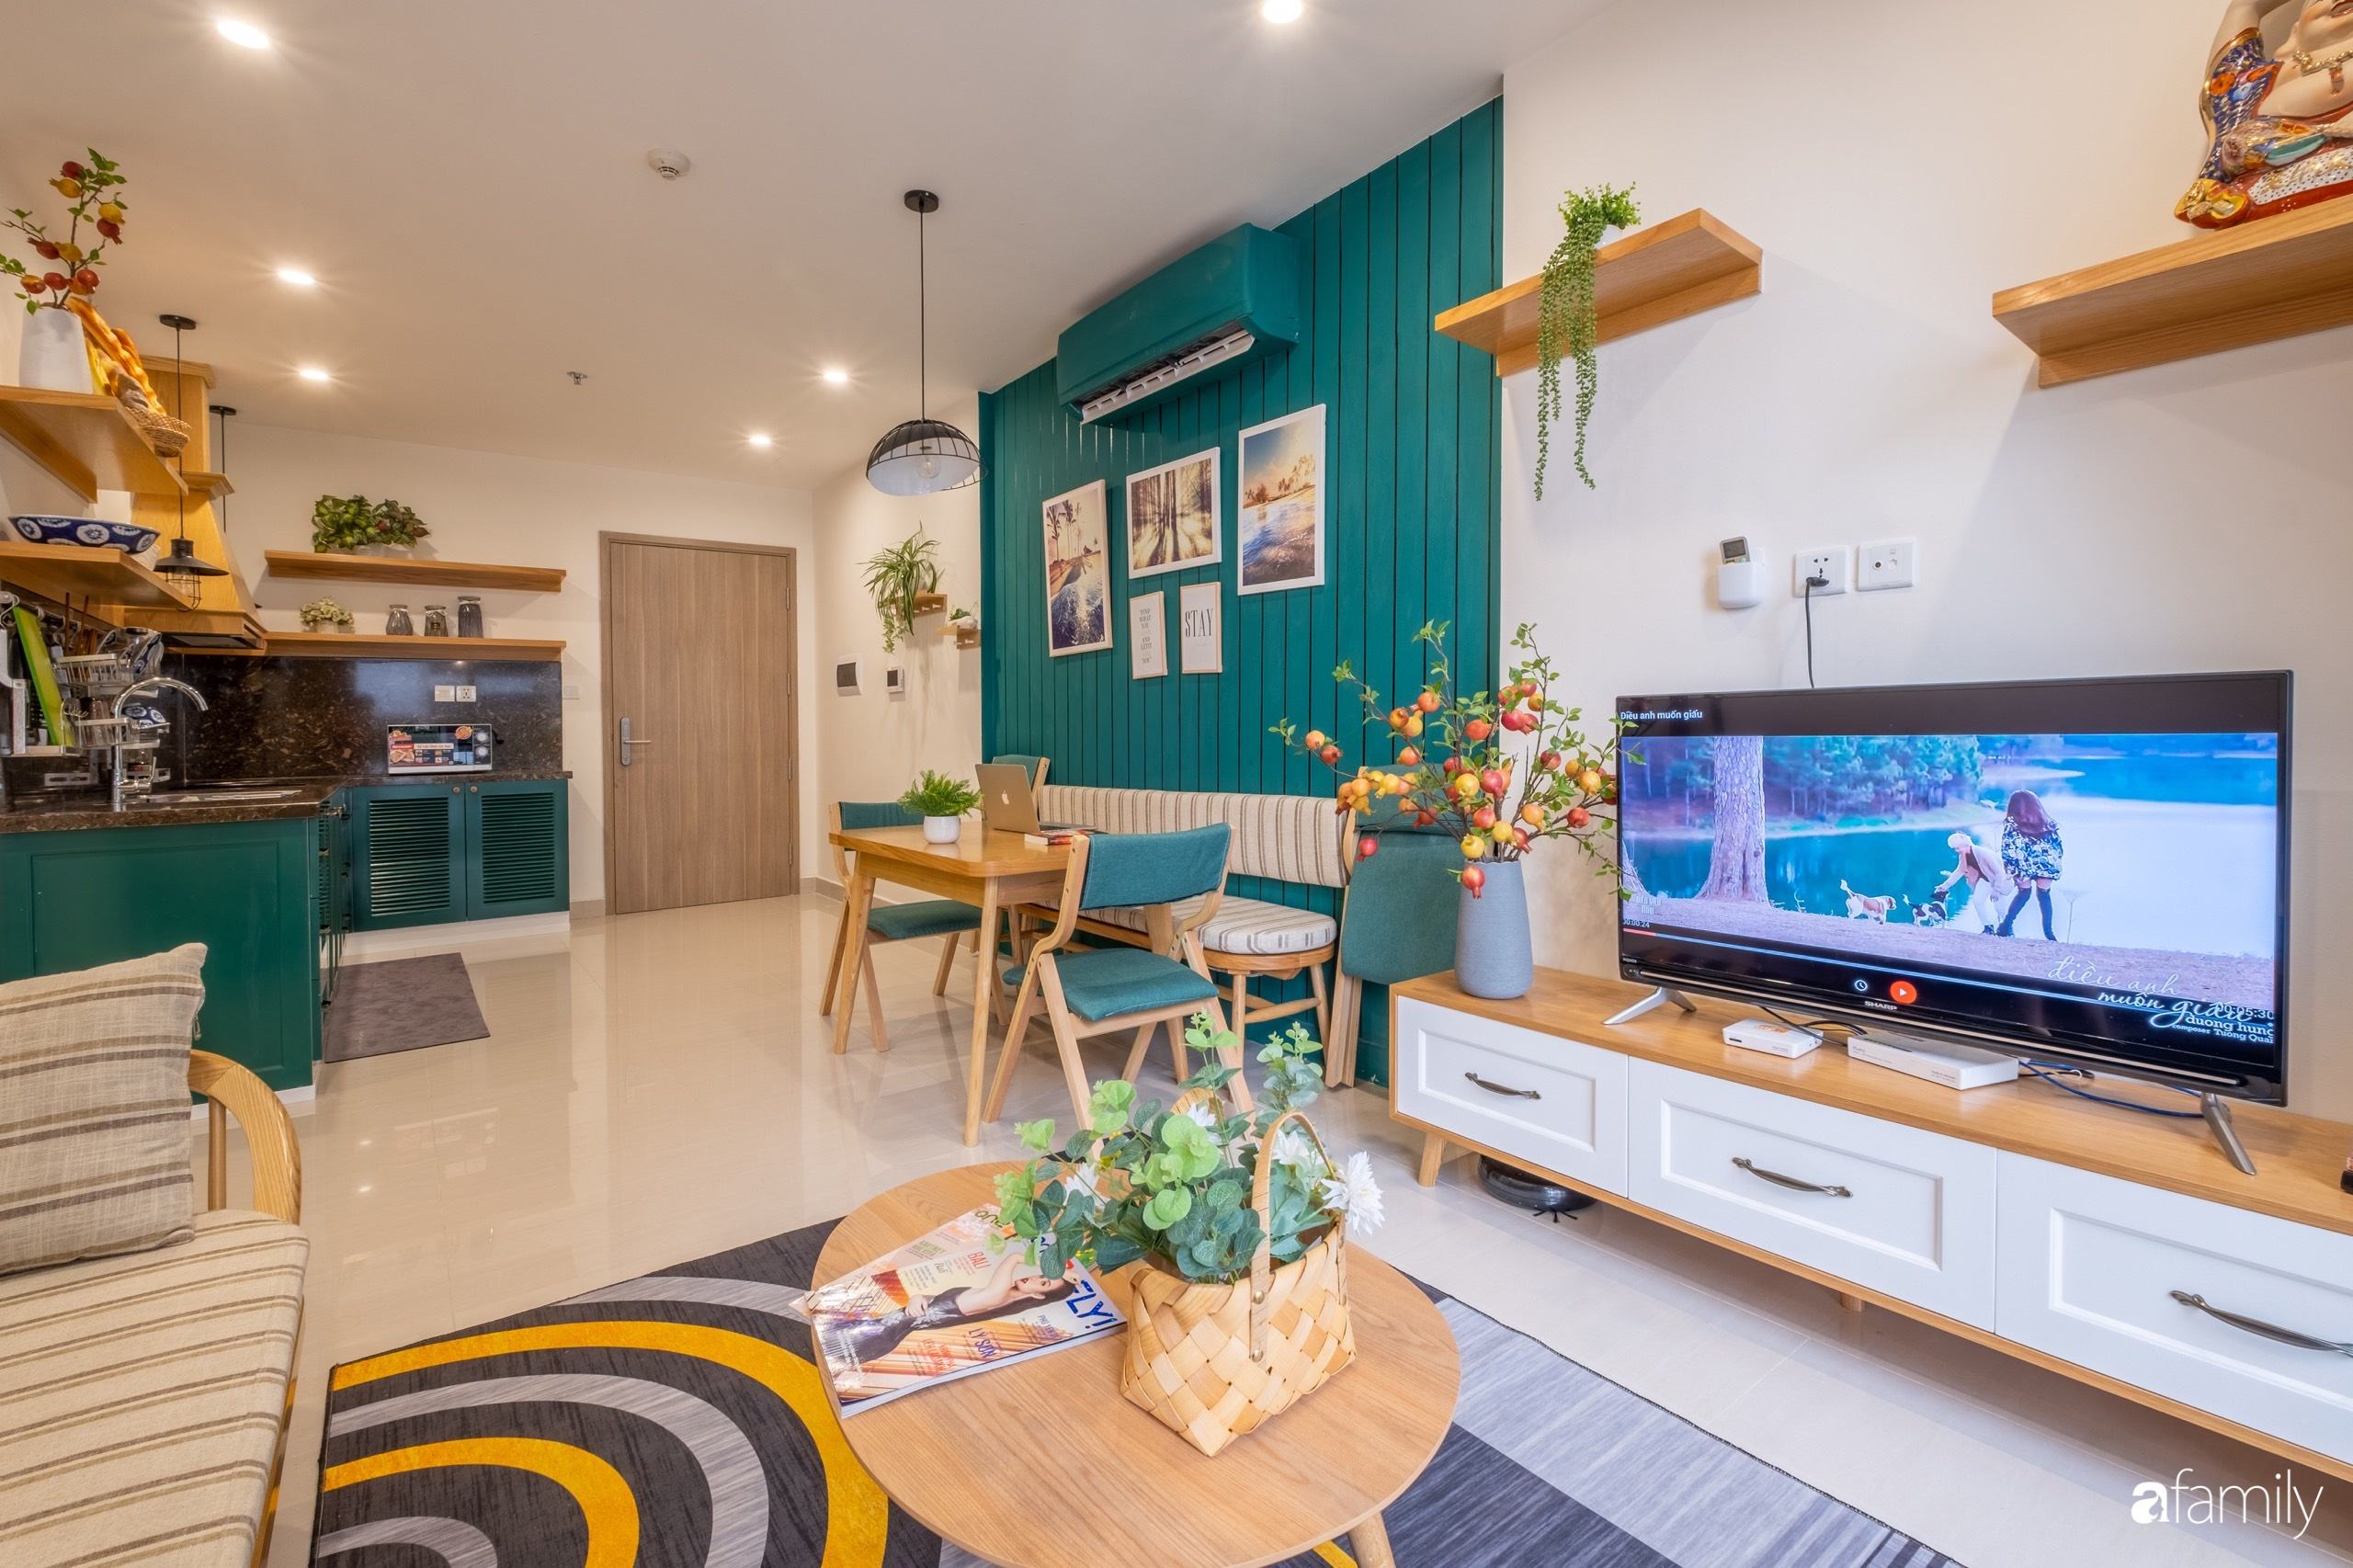 Căn hộ 54m² đẹp cuốn hút với tông màu xanh gần gũi với thiên nhiên có chi phí hoàn thiện nội thất 150 triệu đồng ở Hà Nội - Ảnh 1.